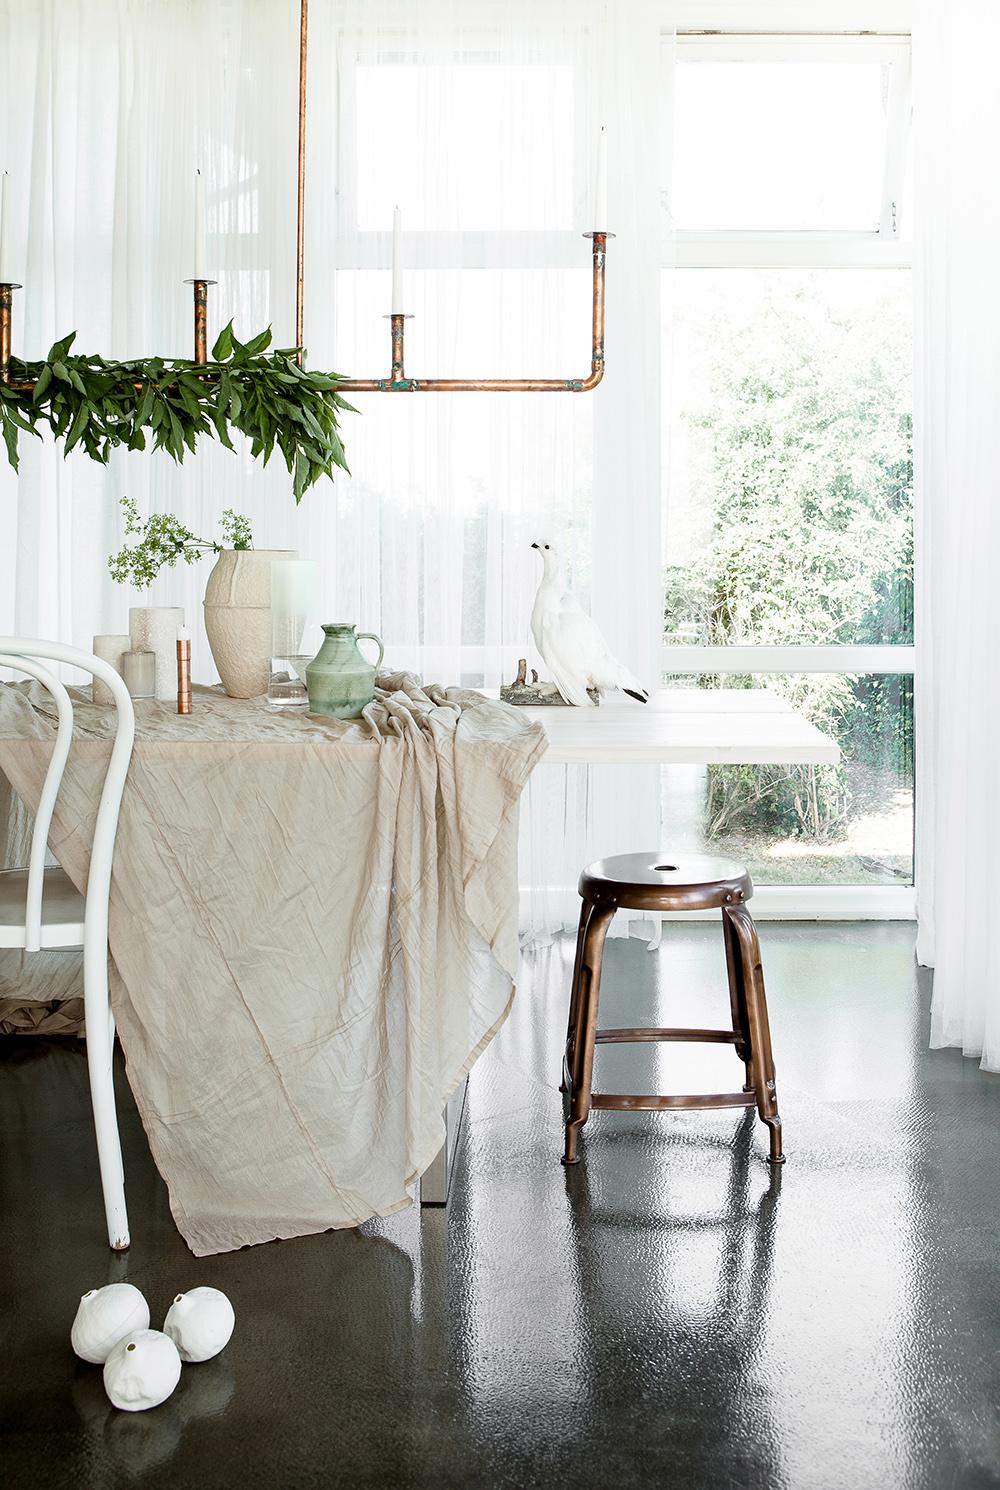 Bordet - Vår och sommar 1000 (1 av 1)